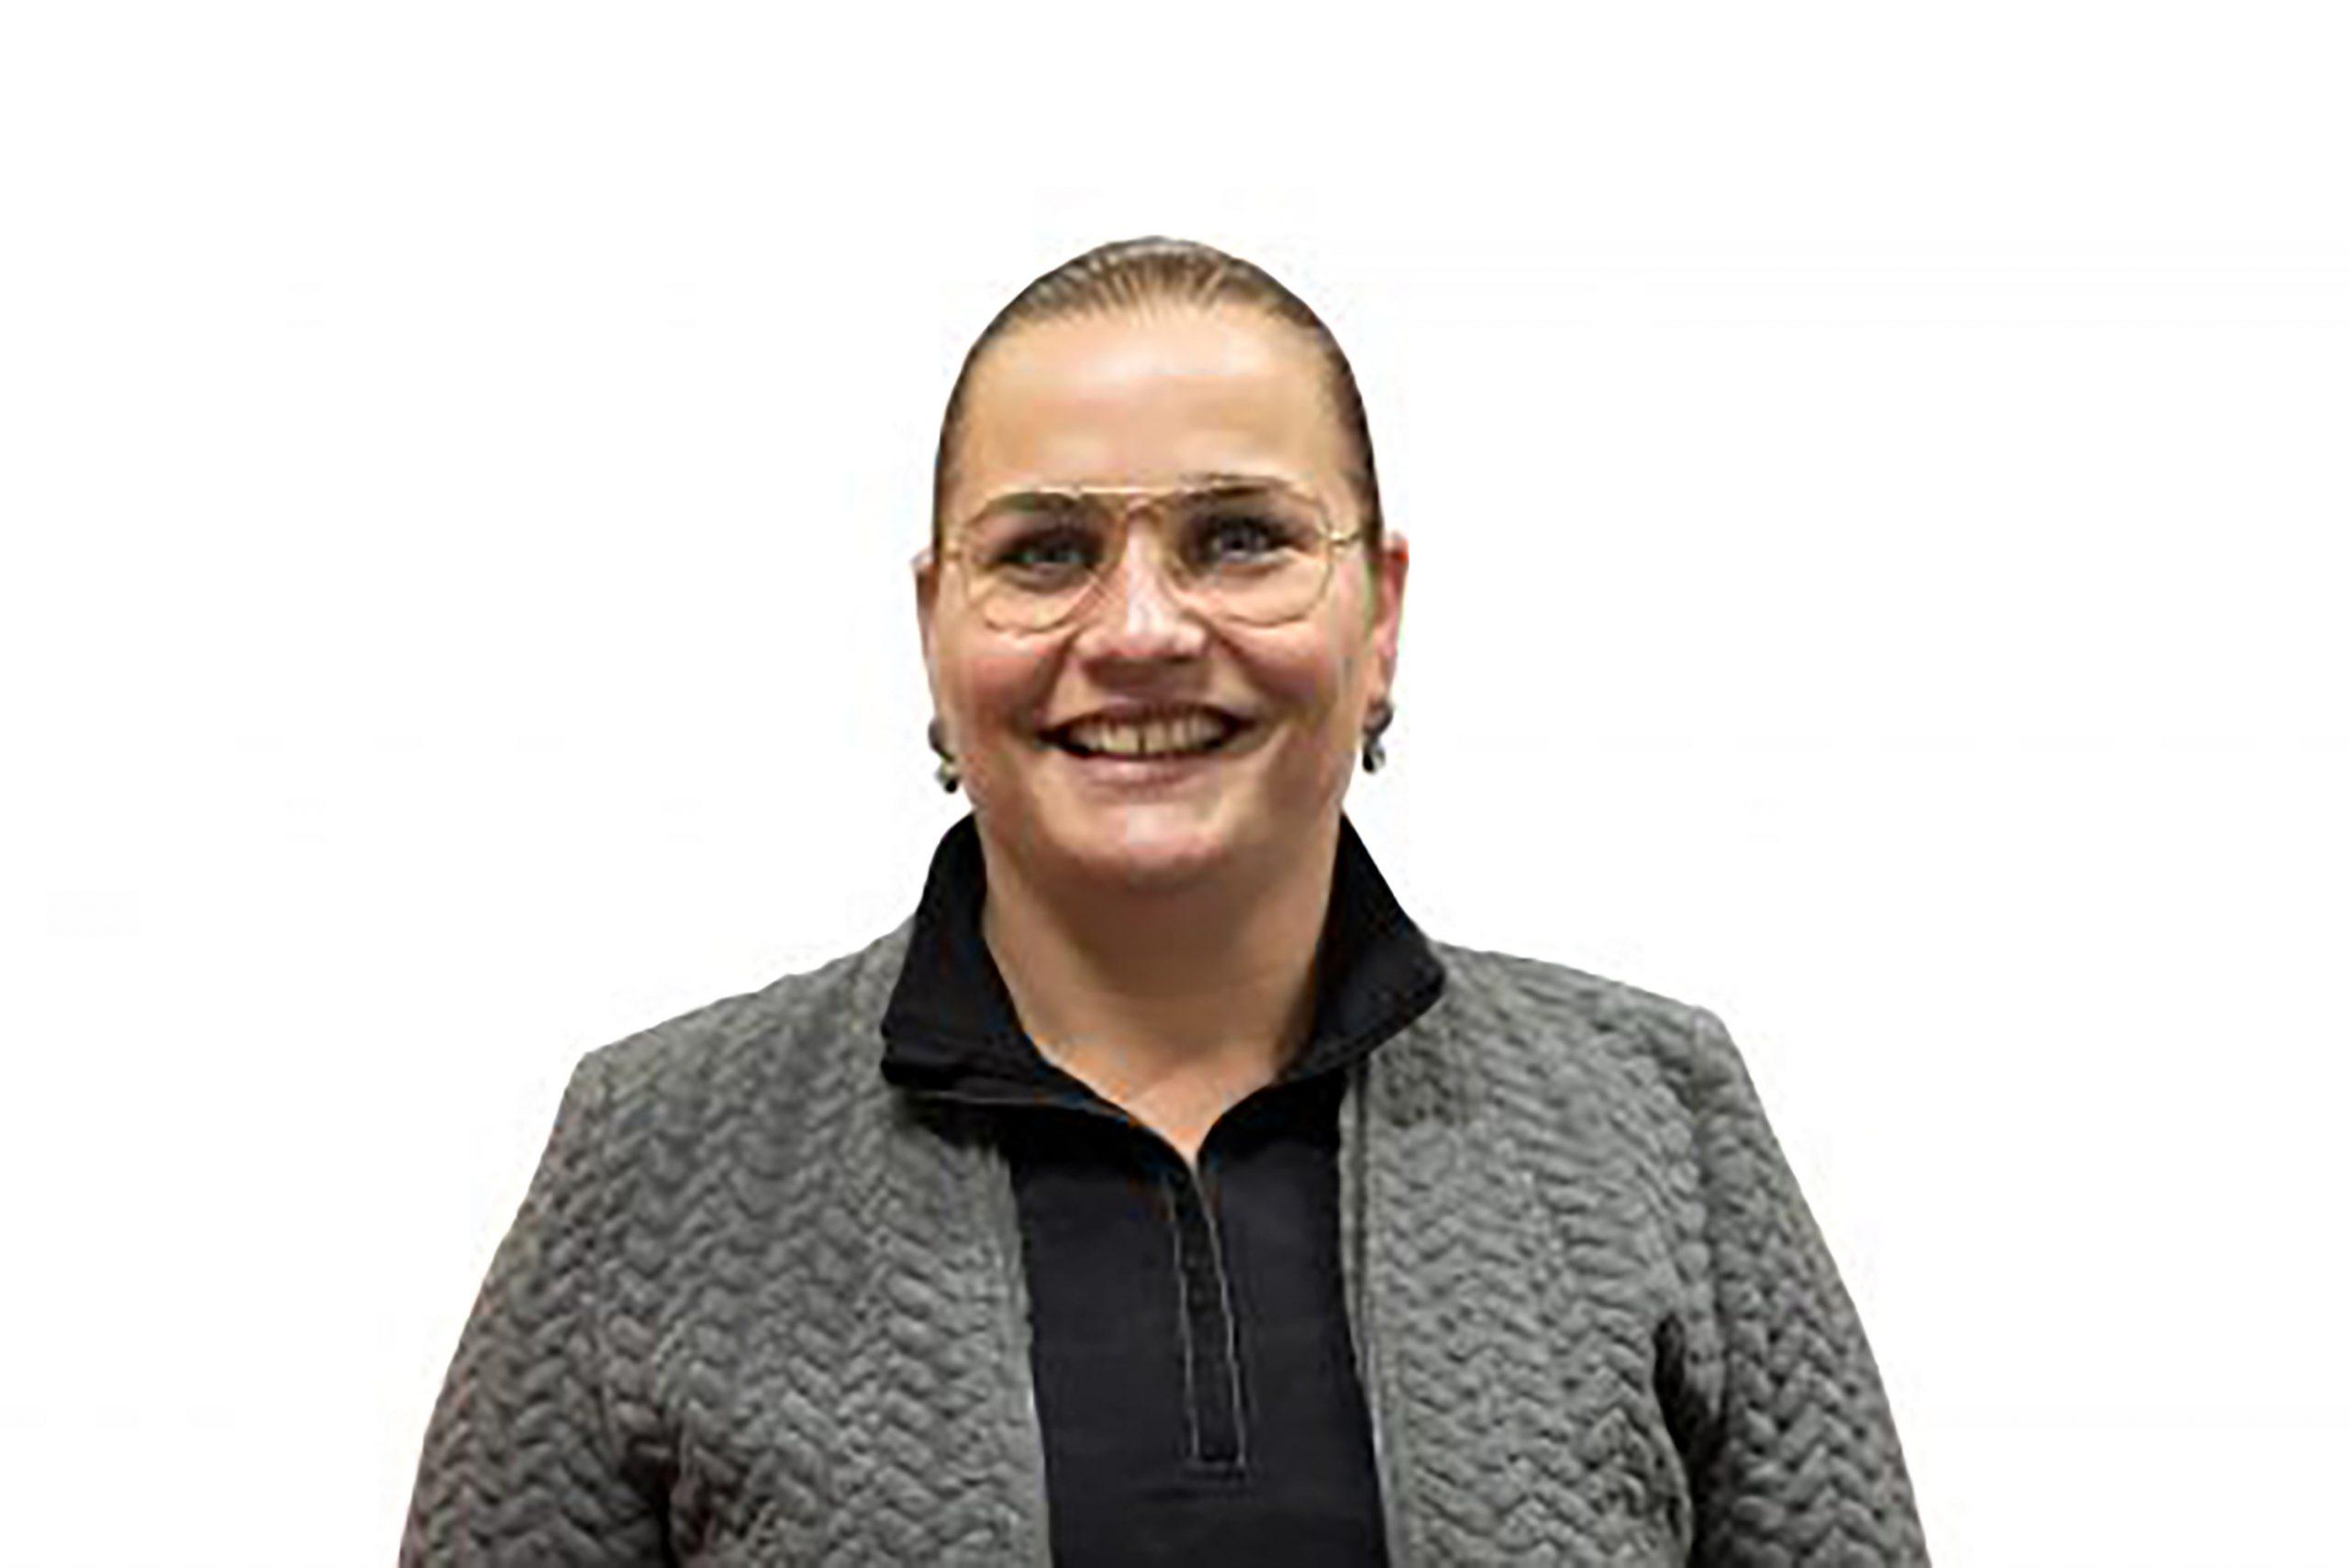 Joanne Schepers